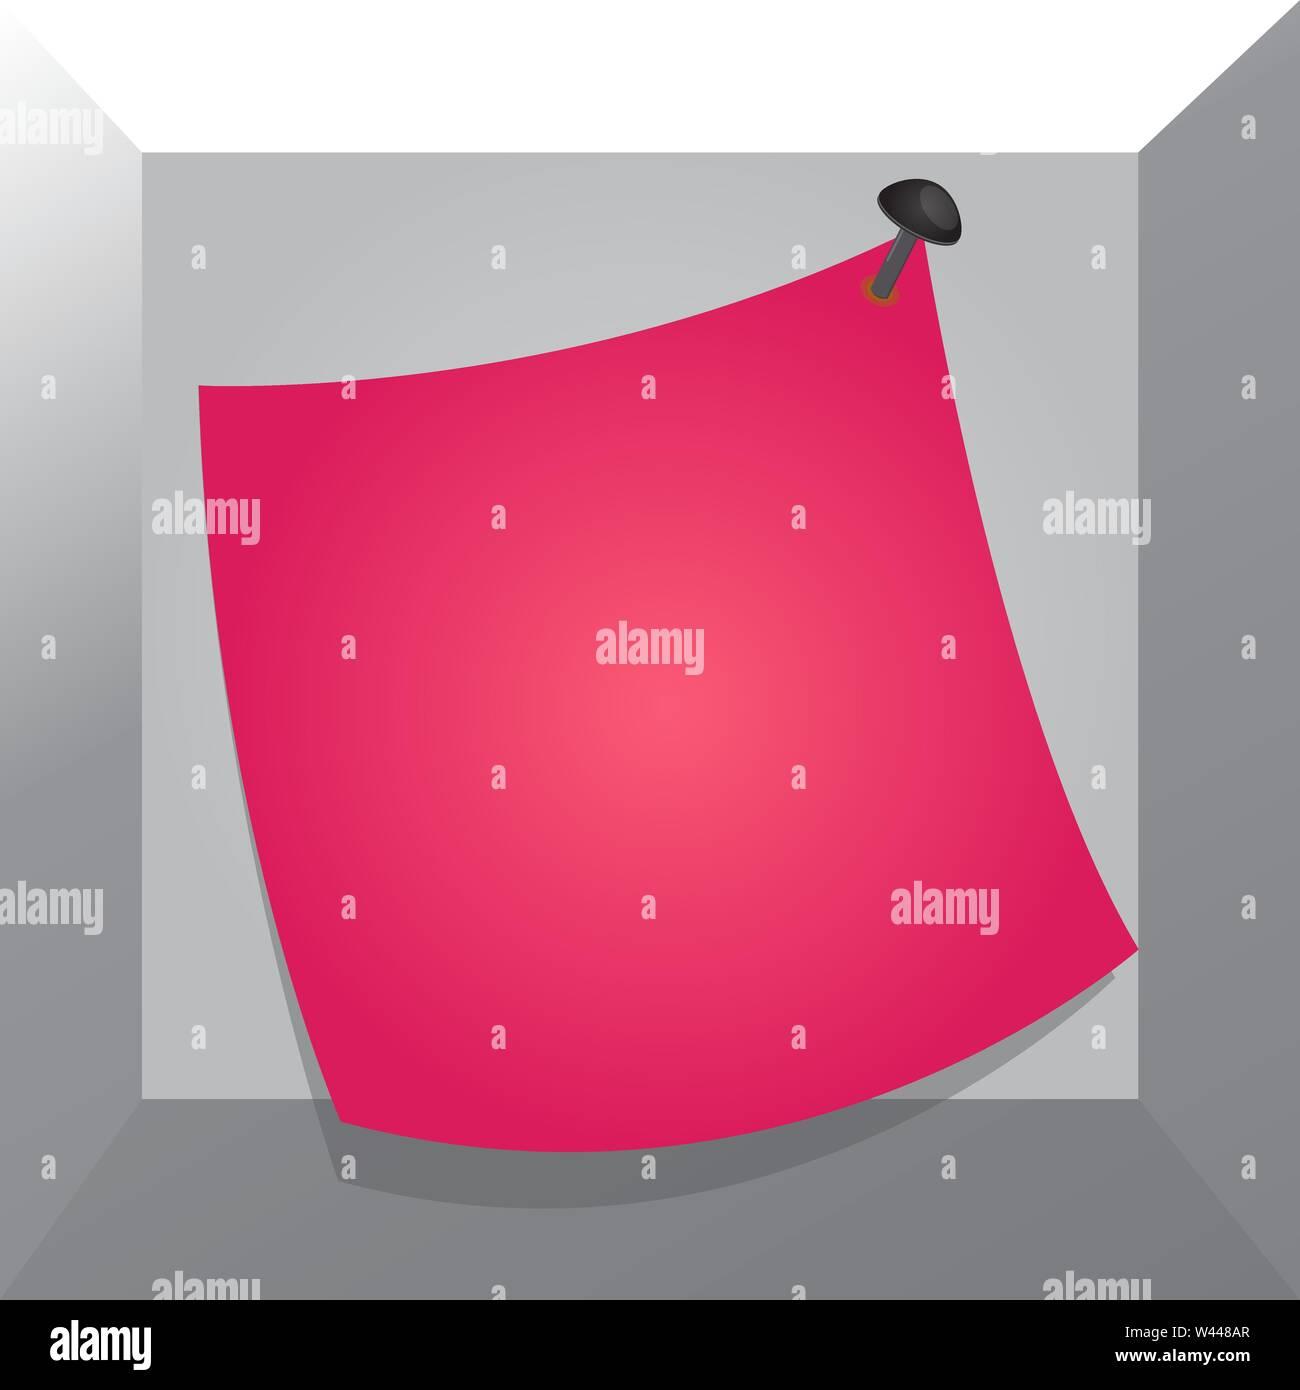 Promemoria curvo memo carta inchiodato superficie colorata bloccato pin vuoto Business telaio modello vuoto per la disposizione di invito biglietto di auguri promozione pos Immagini Stock